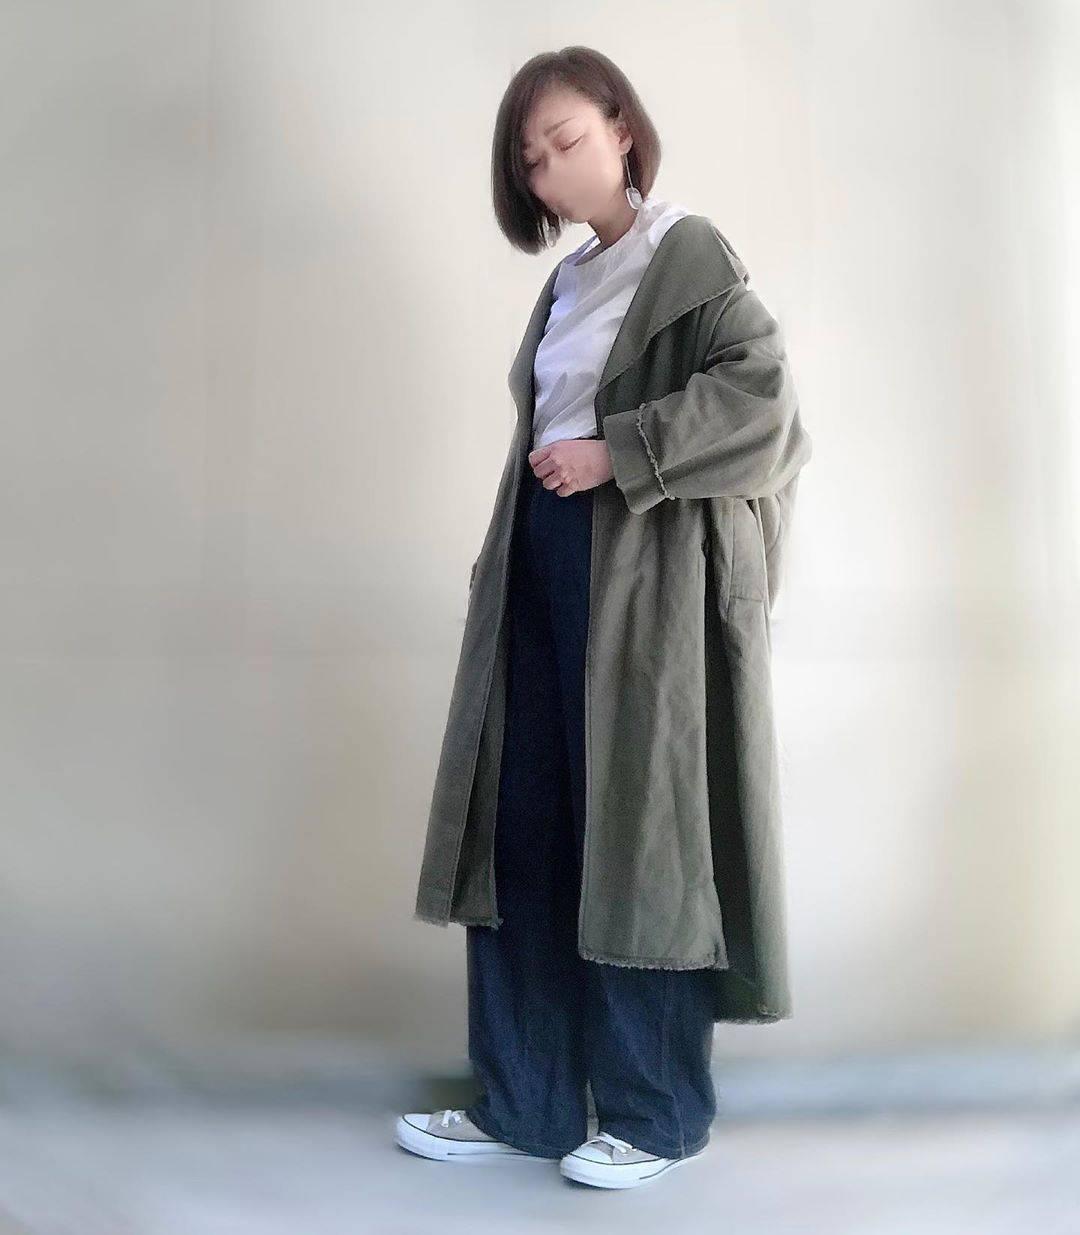 最高気温25度・最低気温15度 unange103の服装